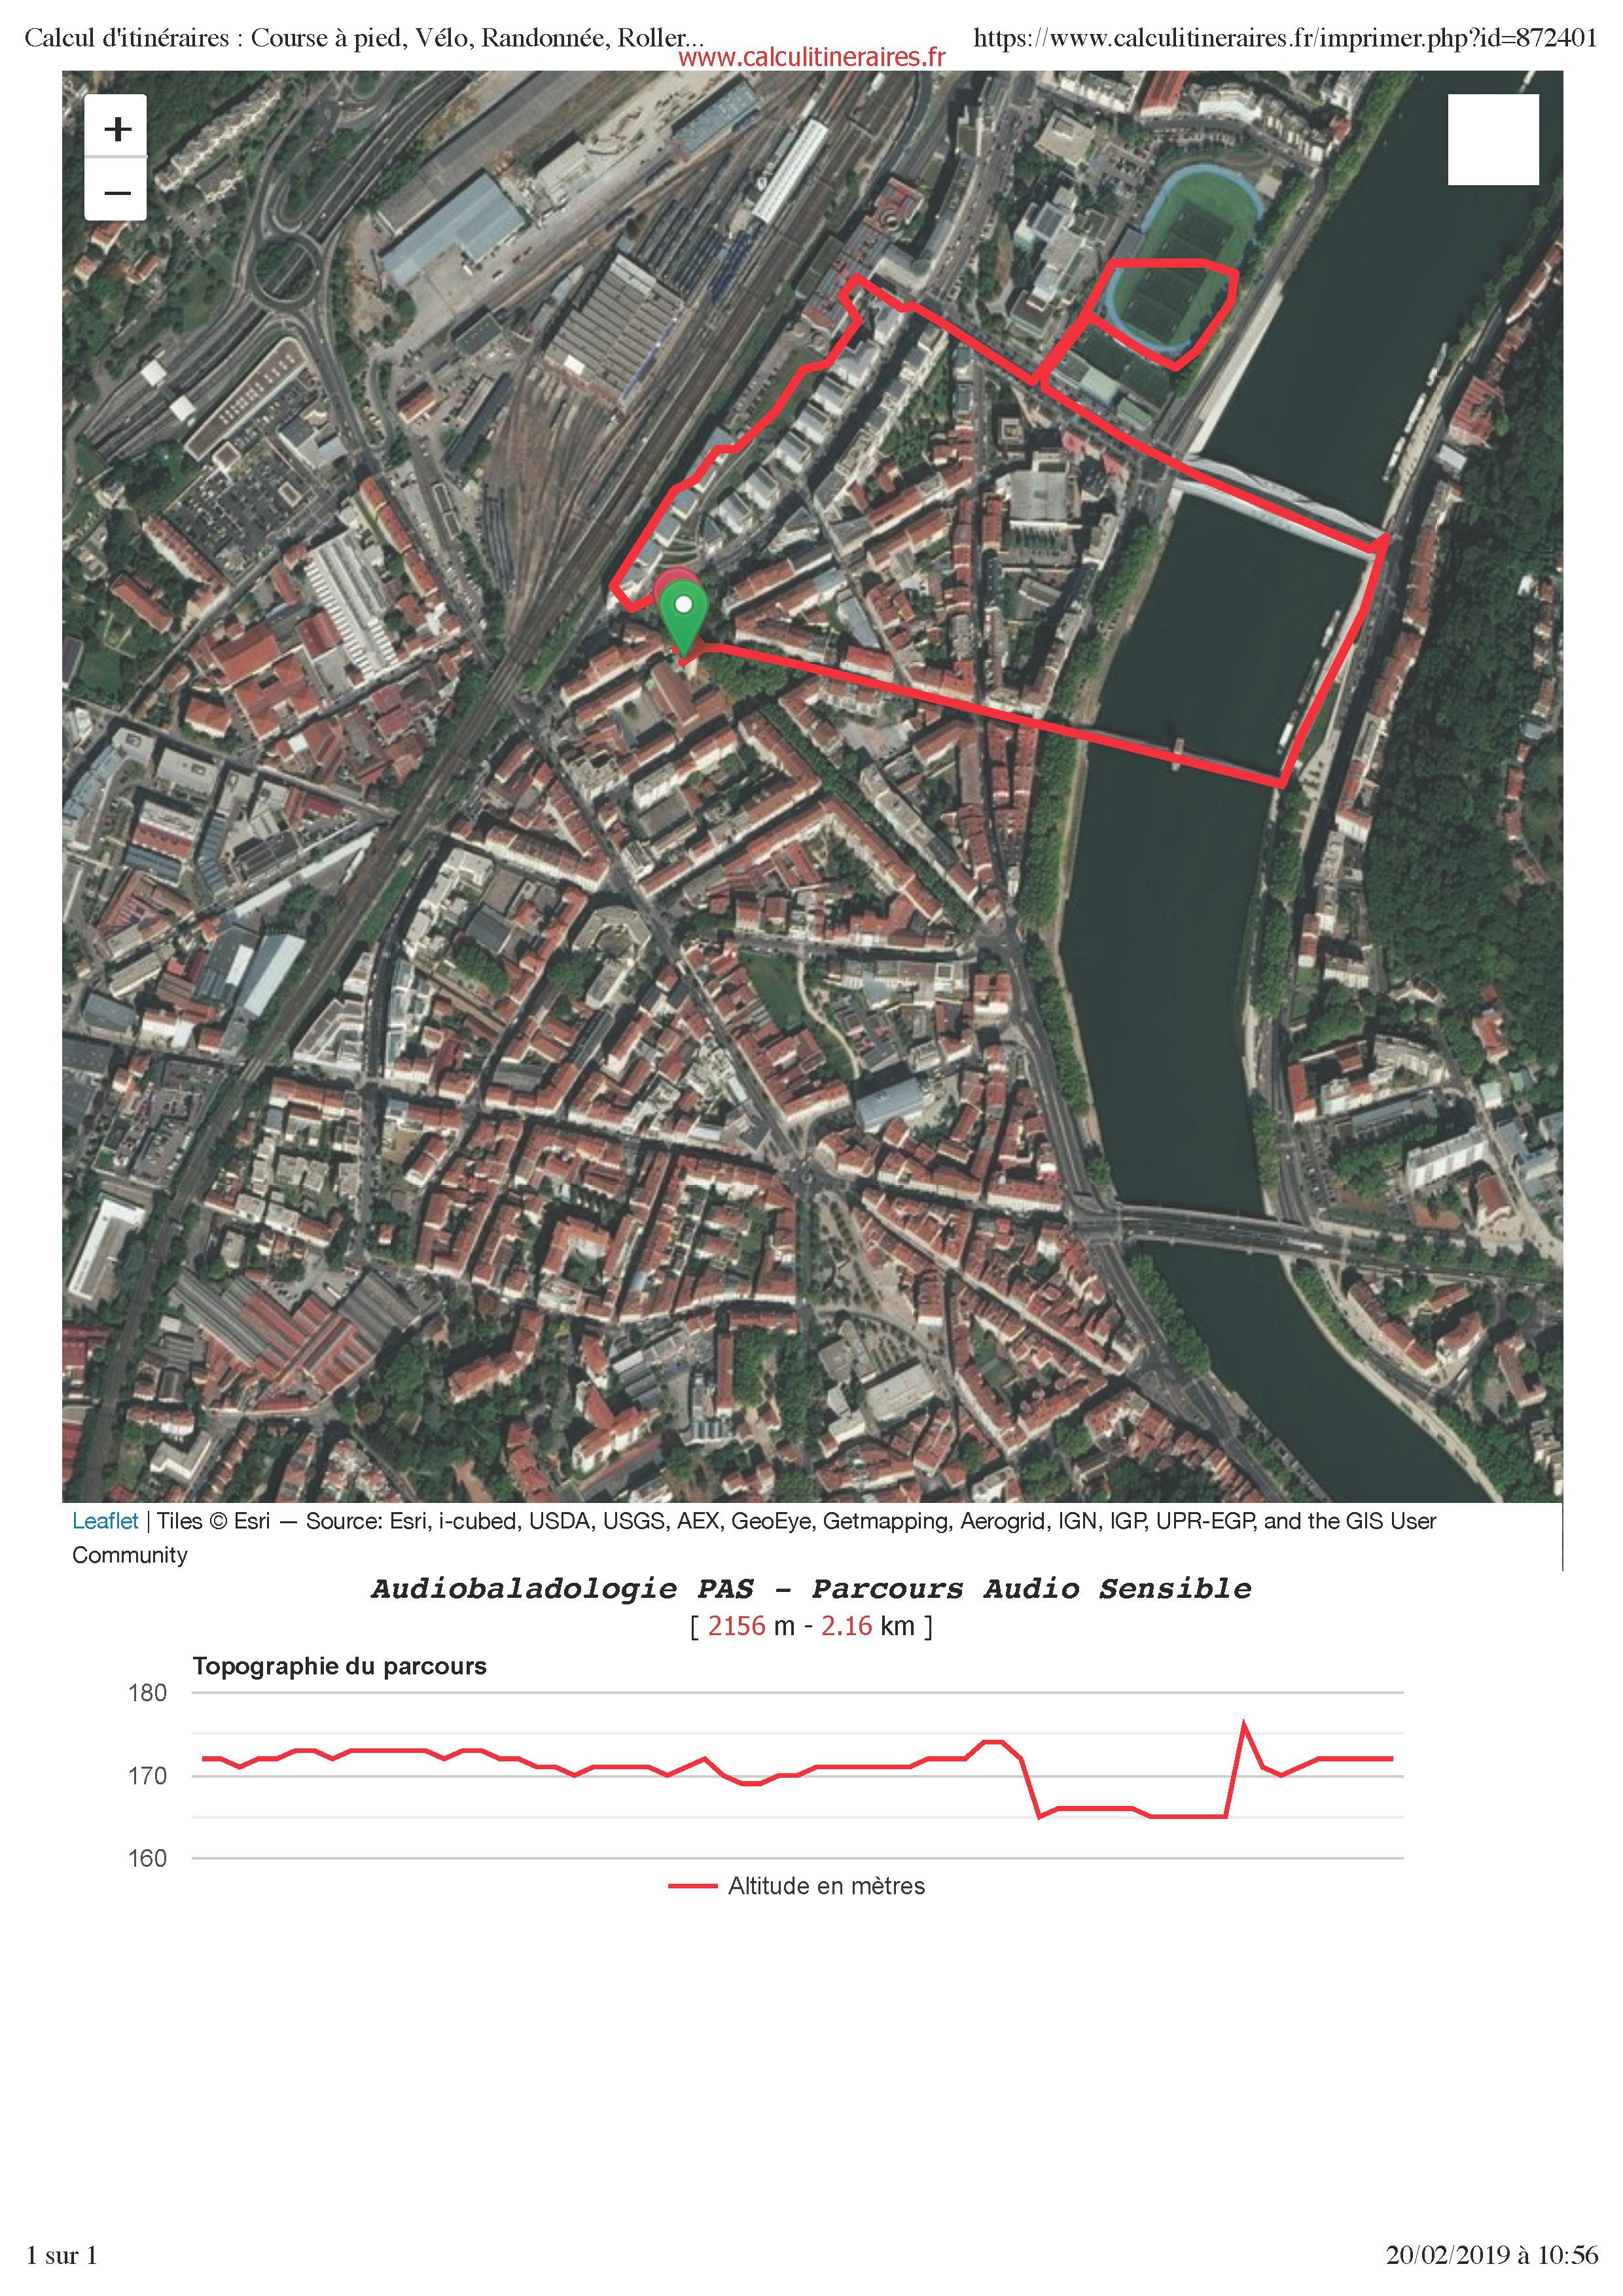 Calcul d'itinéraires - Course à pied, Vélo, Randonnée, Roller...